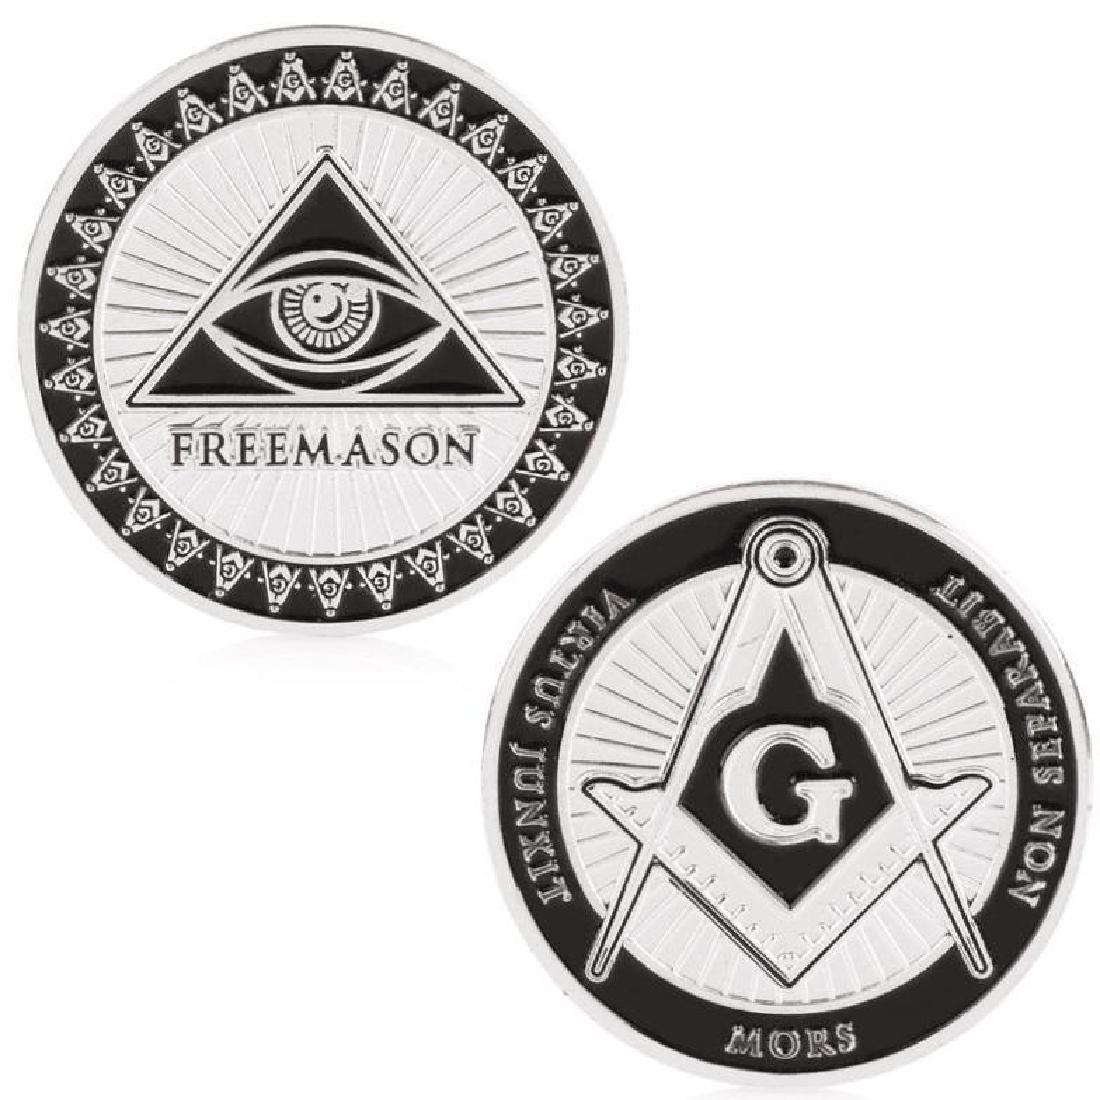 Freemason Brotherhood Silver Clad Coin